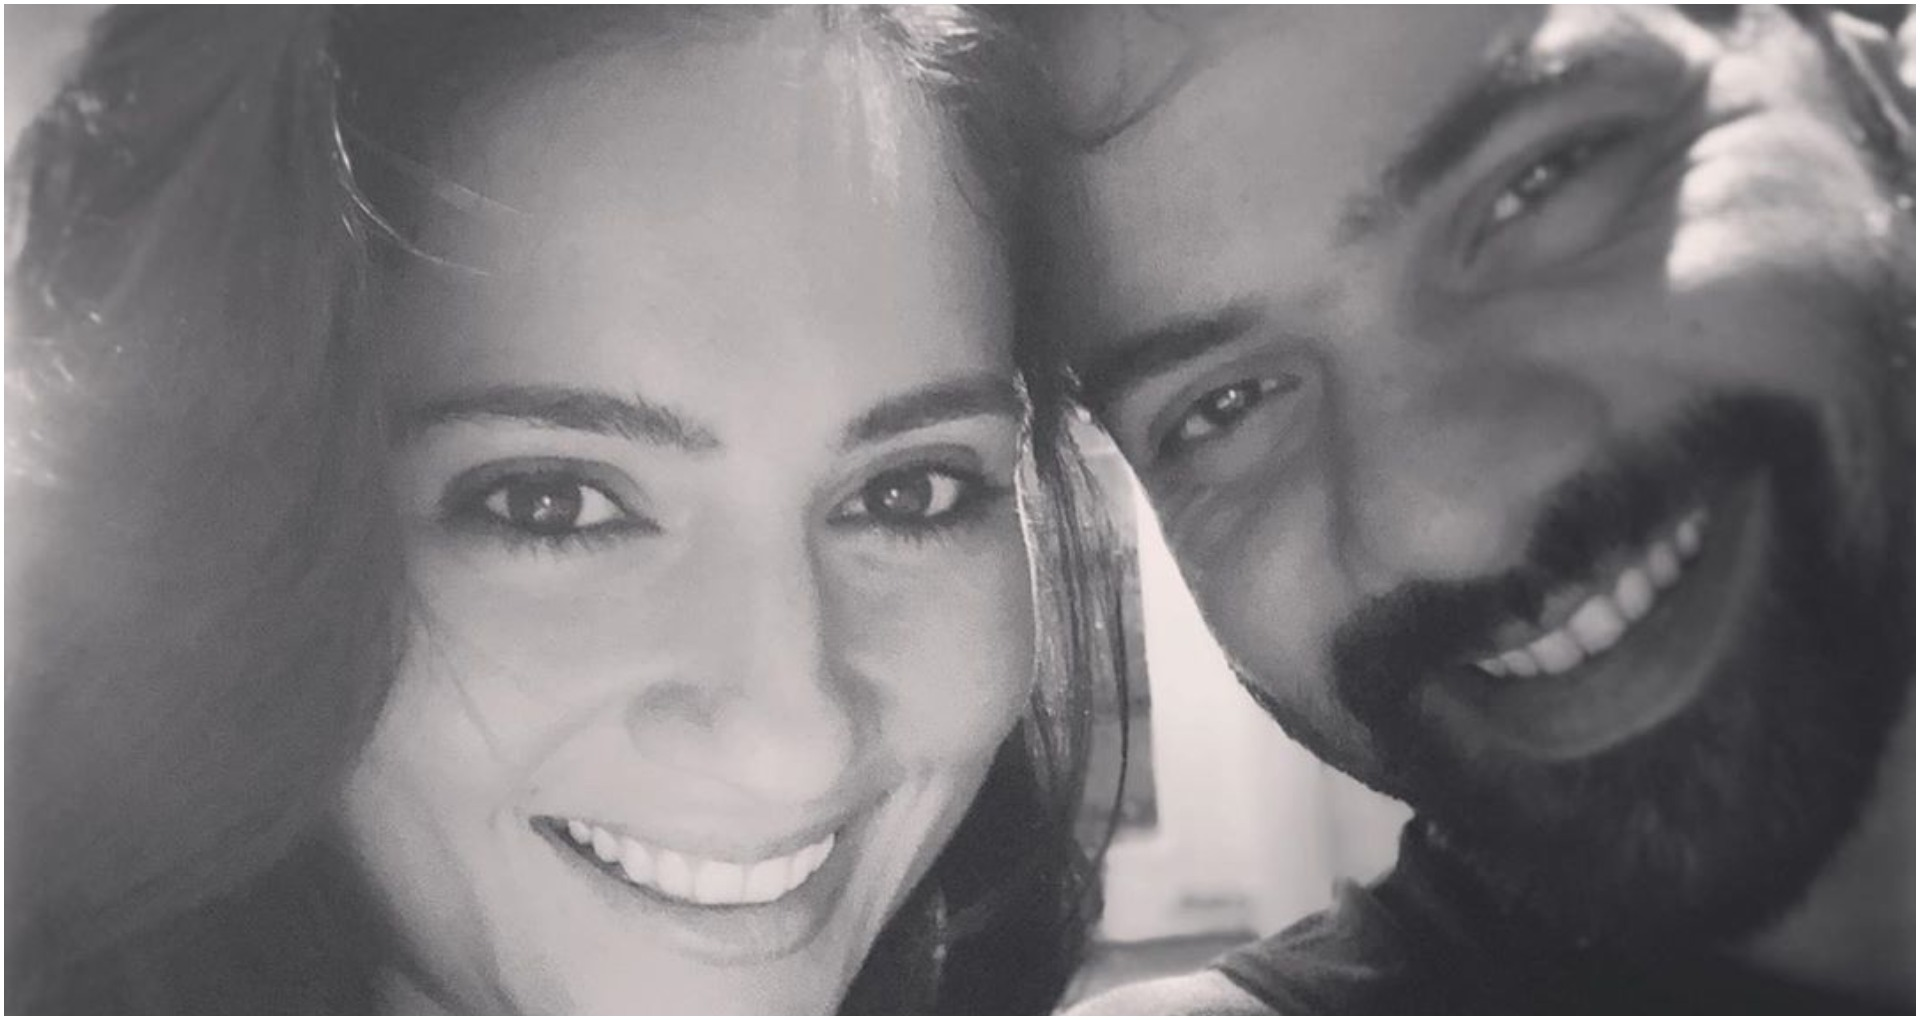 'कुमकुम भाग्य' एक्टर शबीर आलूवालिया ने पत्नी संग किया 'हॉट बीच रोमांस', सोशल मीडिया पर पोस्ट की तस्वीर